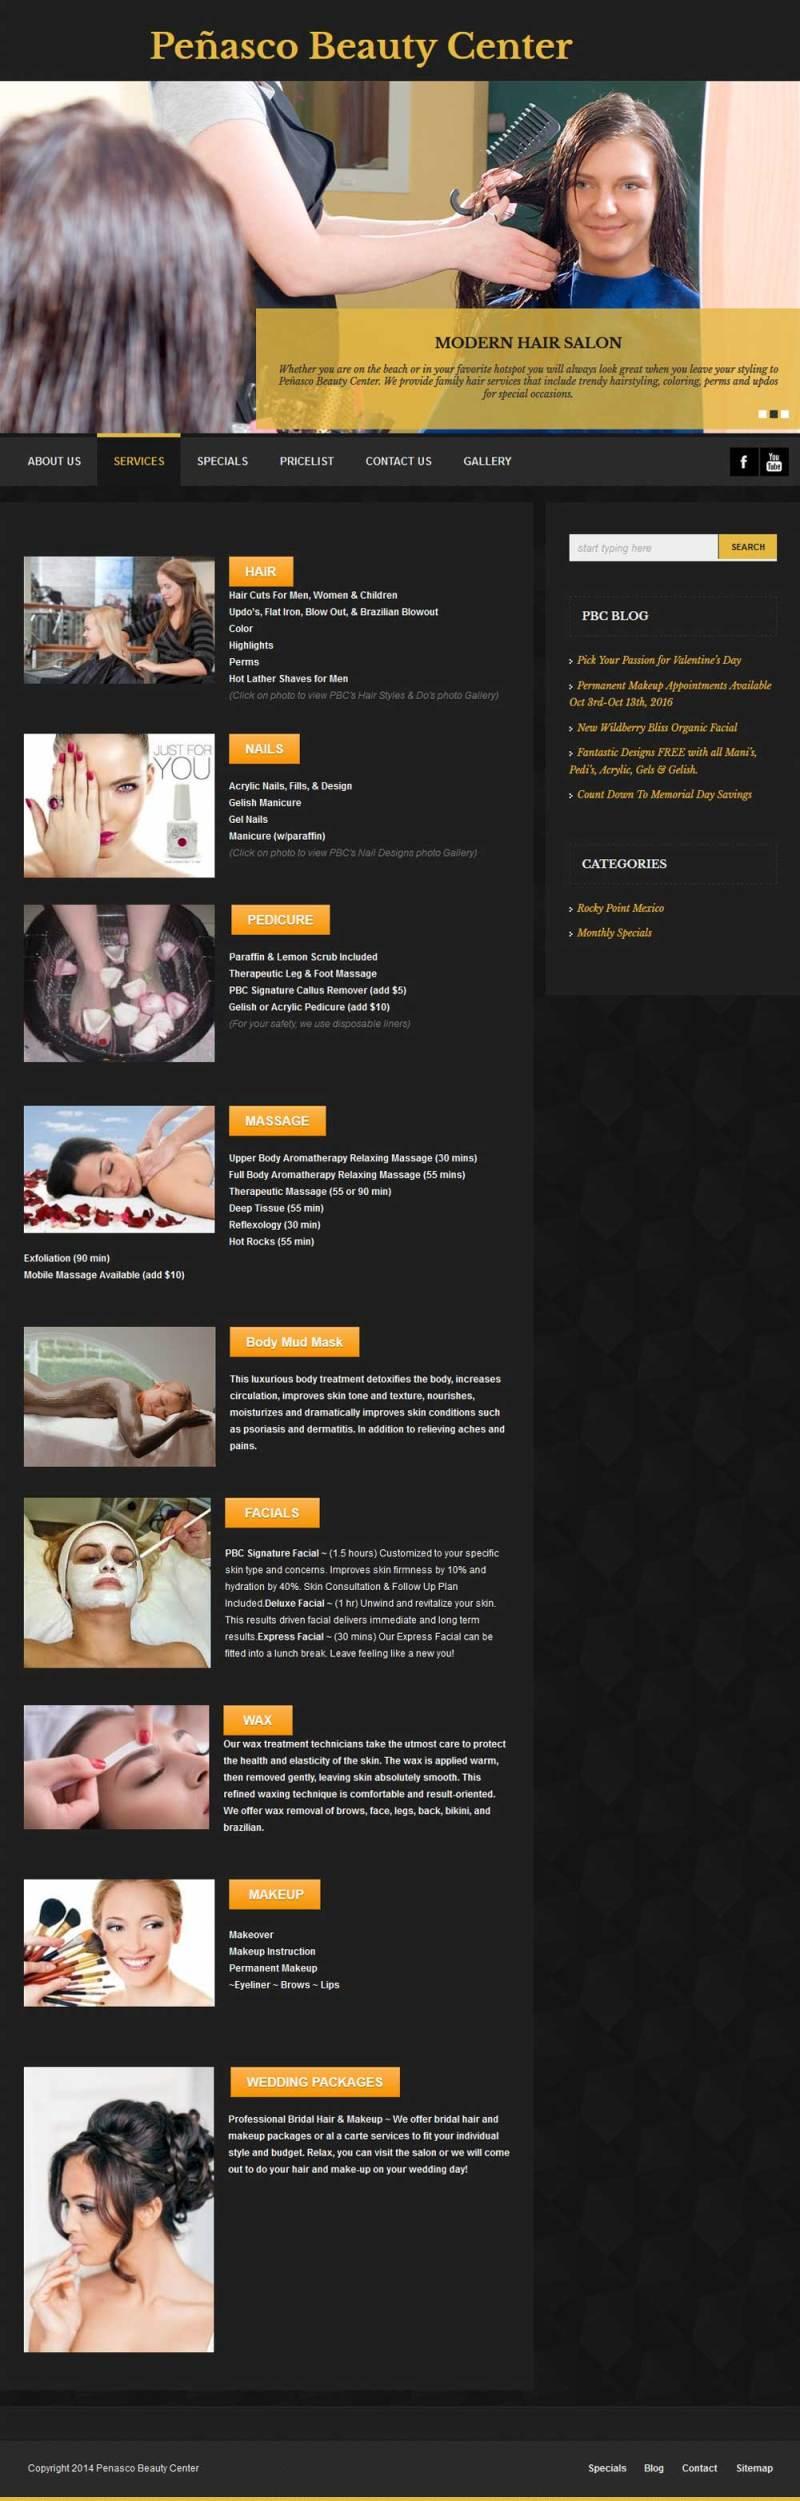 Penasco Beauty Center in Puerto Penasco (Rocky Point Mexico). Click here to visit Penasco Beauty Center's website.